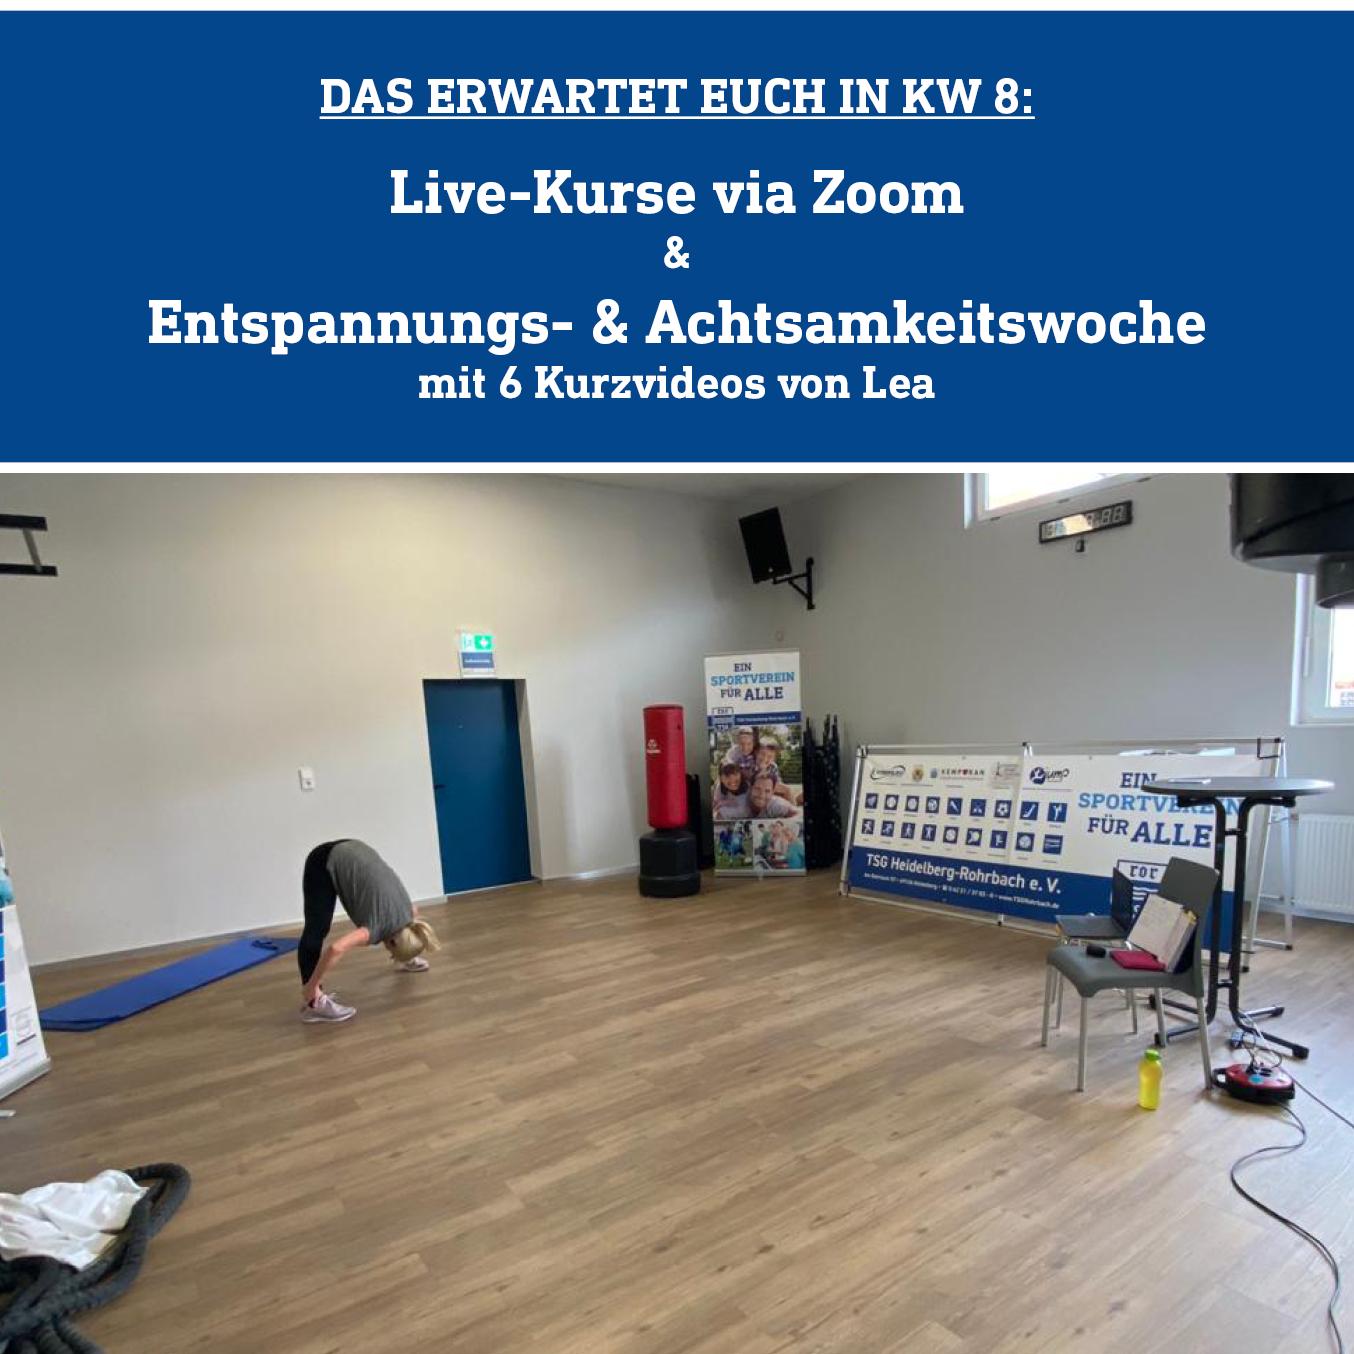 Online-Kurse Und Entspannungsvideos In KW8